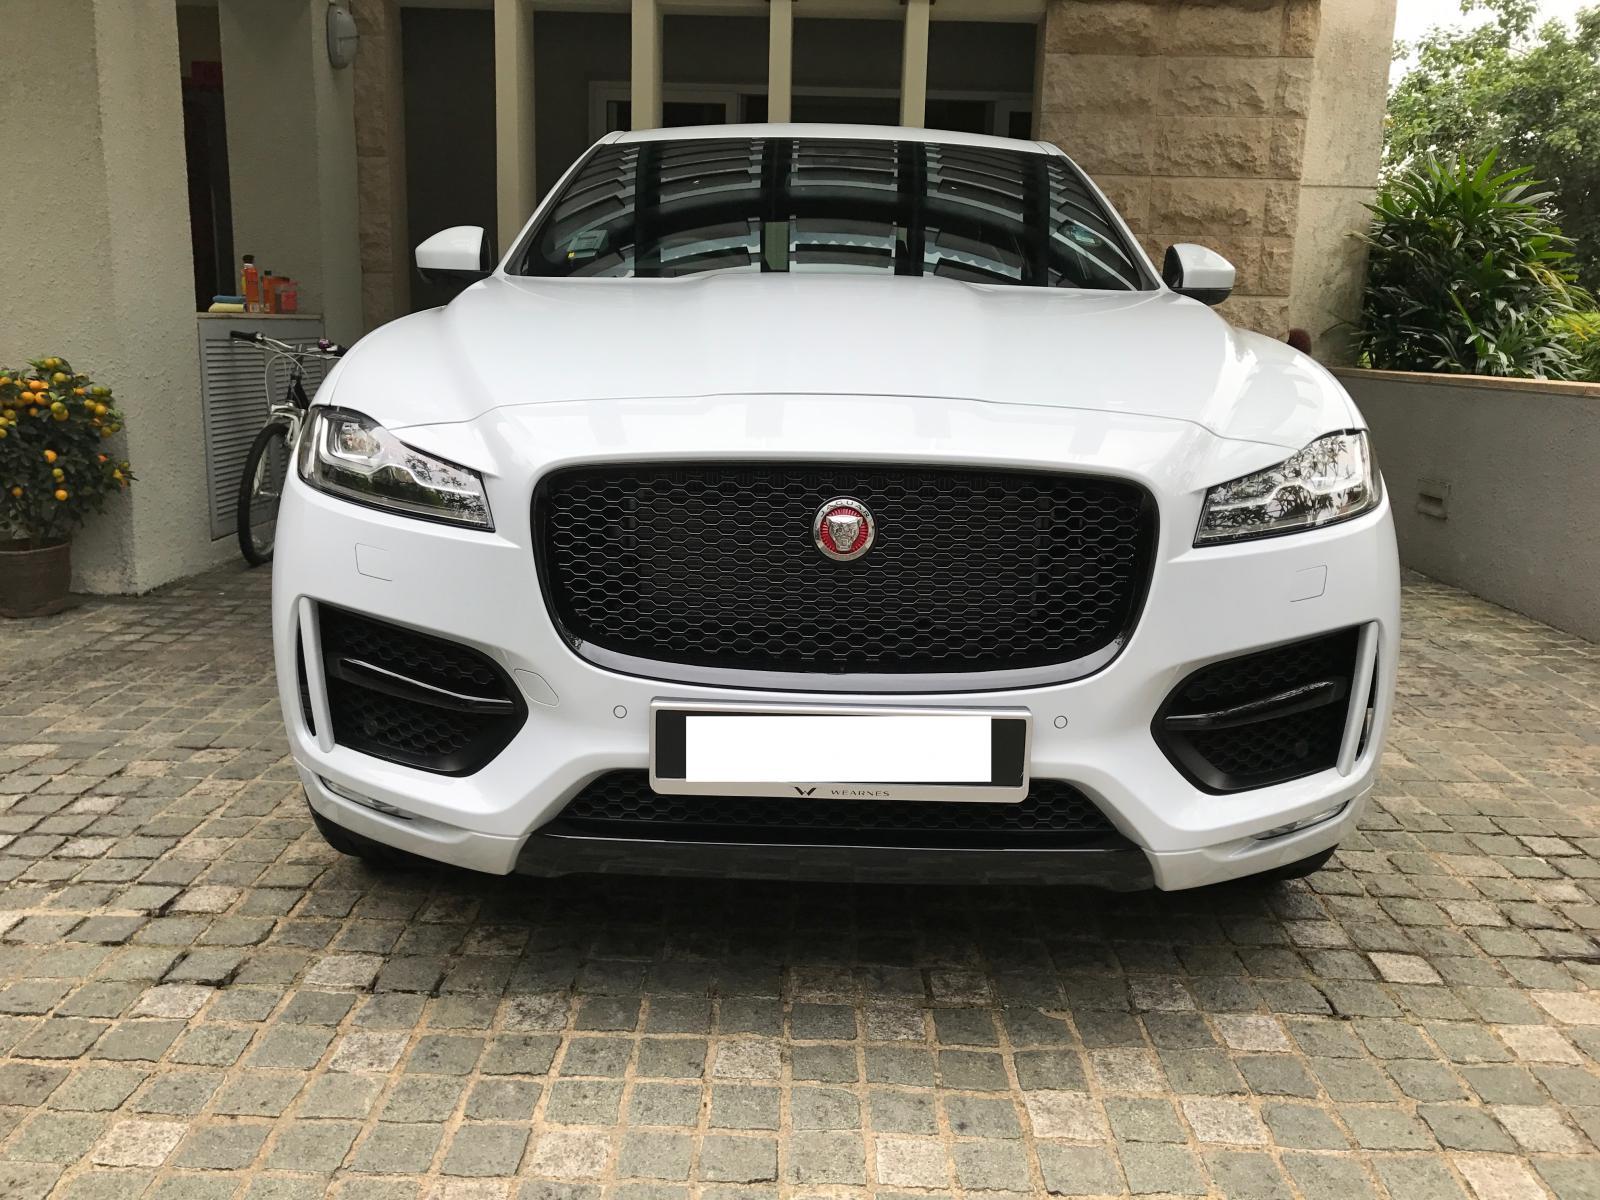 owler and competitors company website revenue employees driveprestigejaguar nj history prestige jaguar